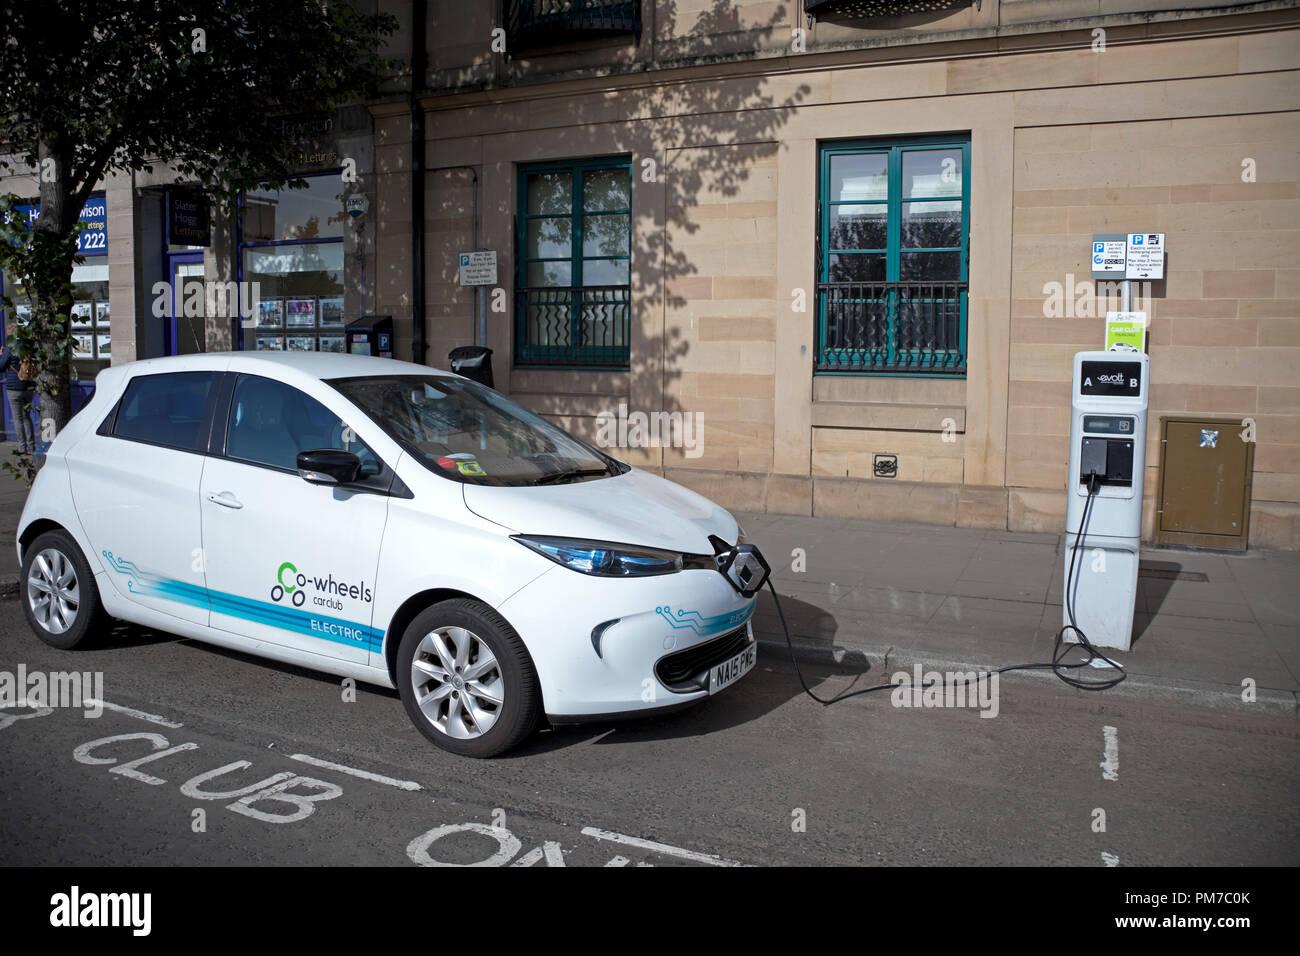 Voiture électrique de charge du véhicule à moteur, Dundee, Ecosse, Royaume-Uni Photo Stock